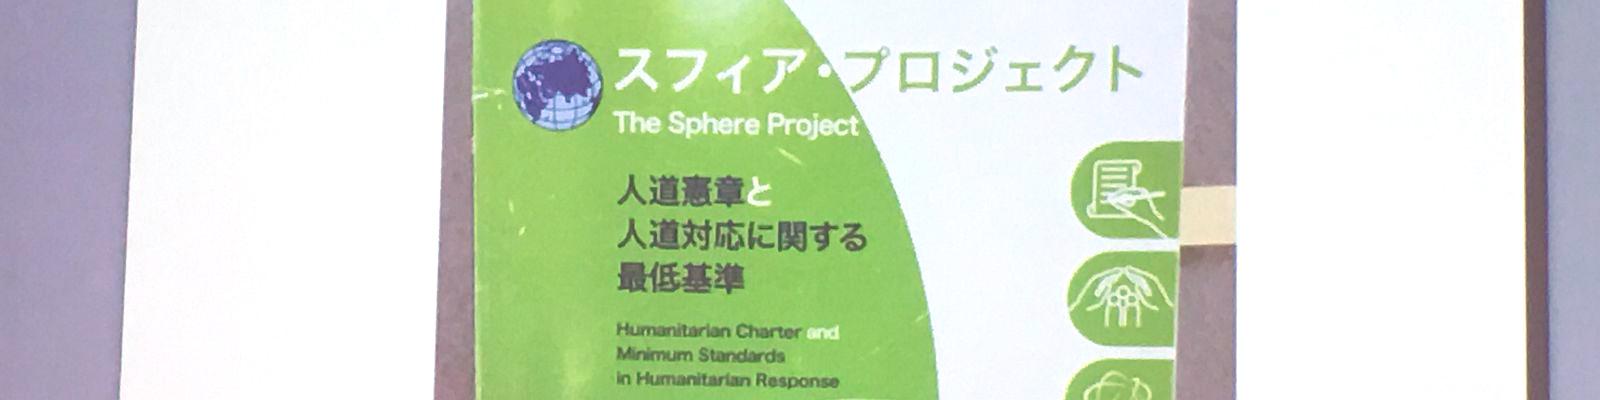 kumamoto100-soshino-eyecatch